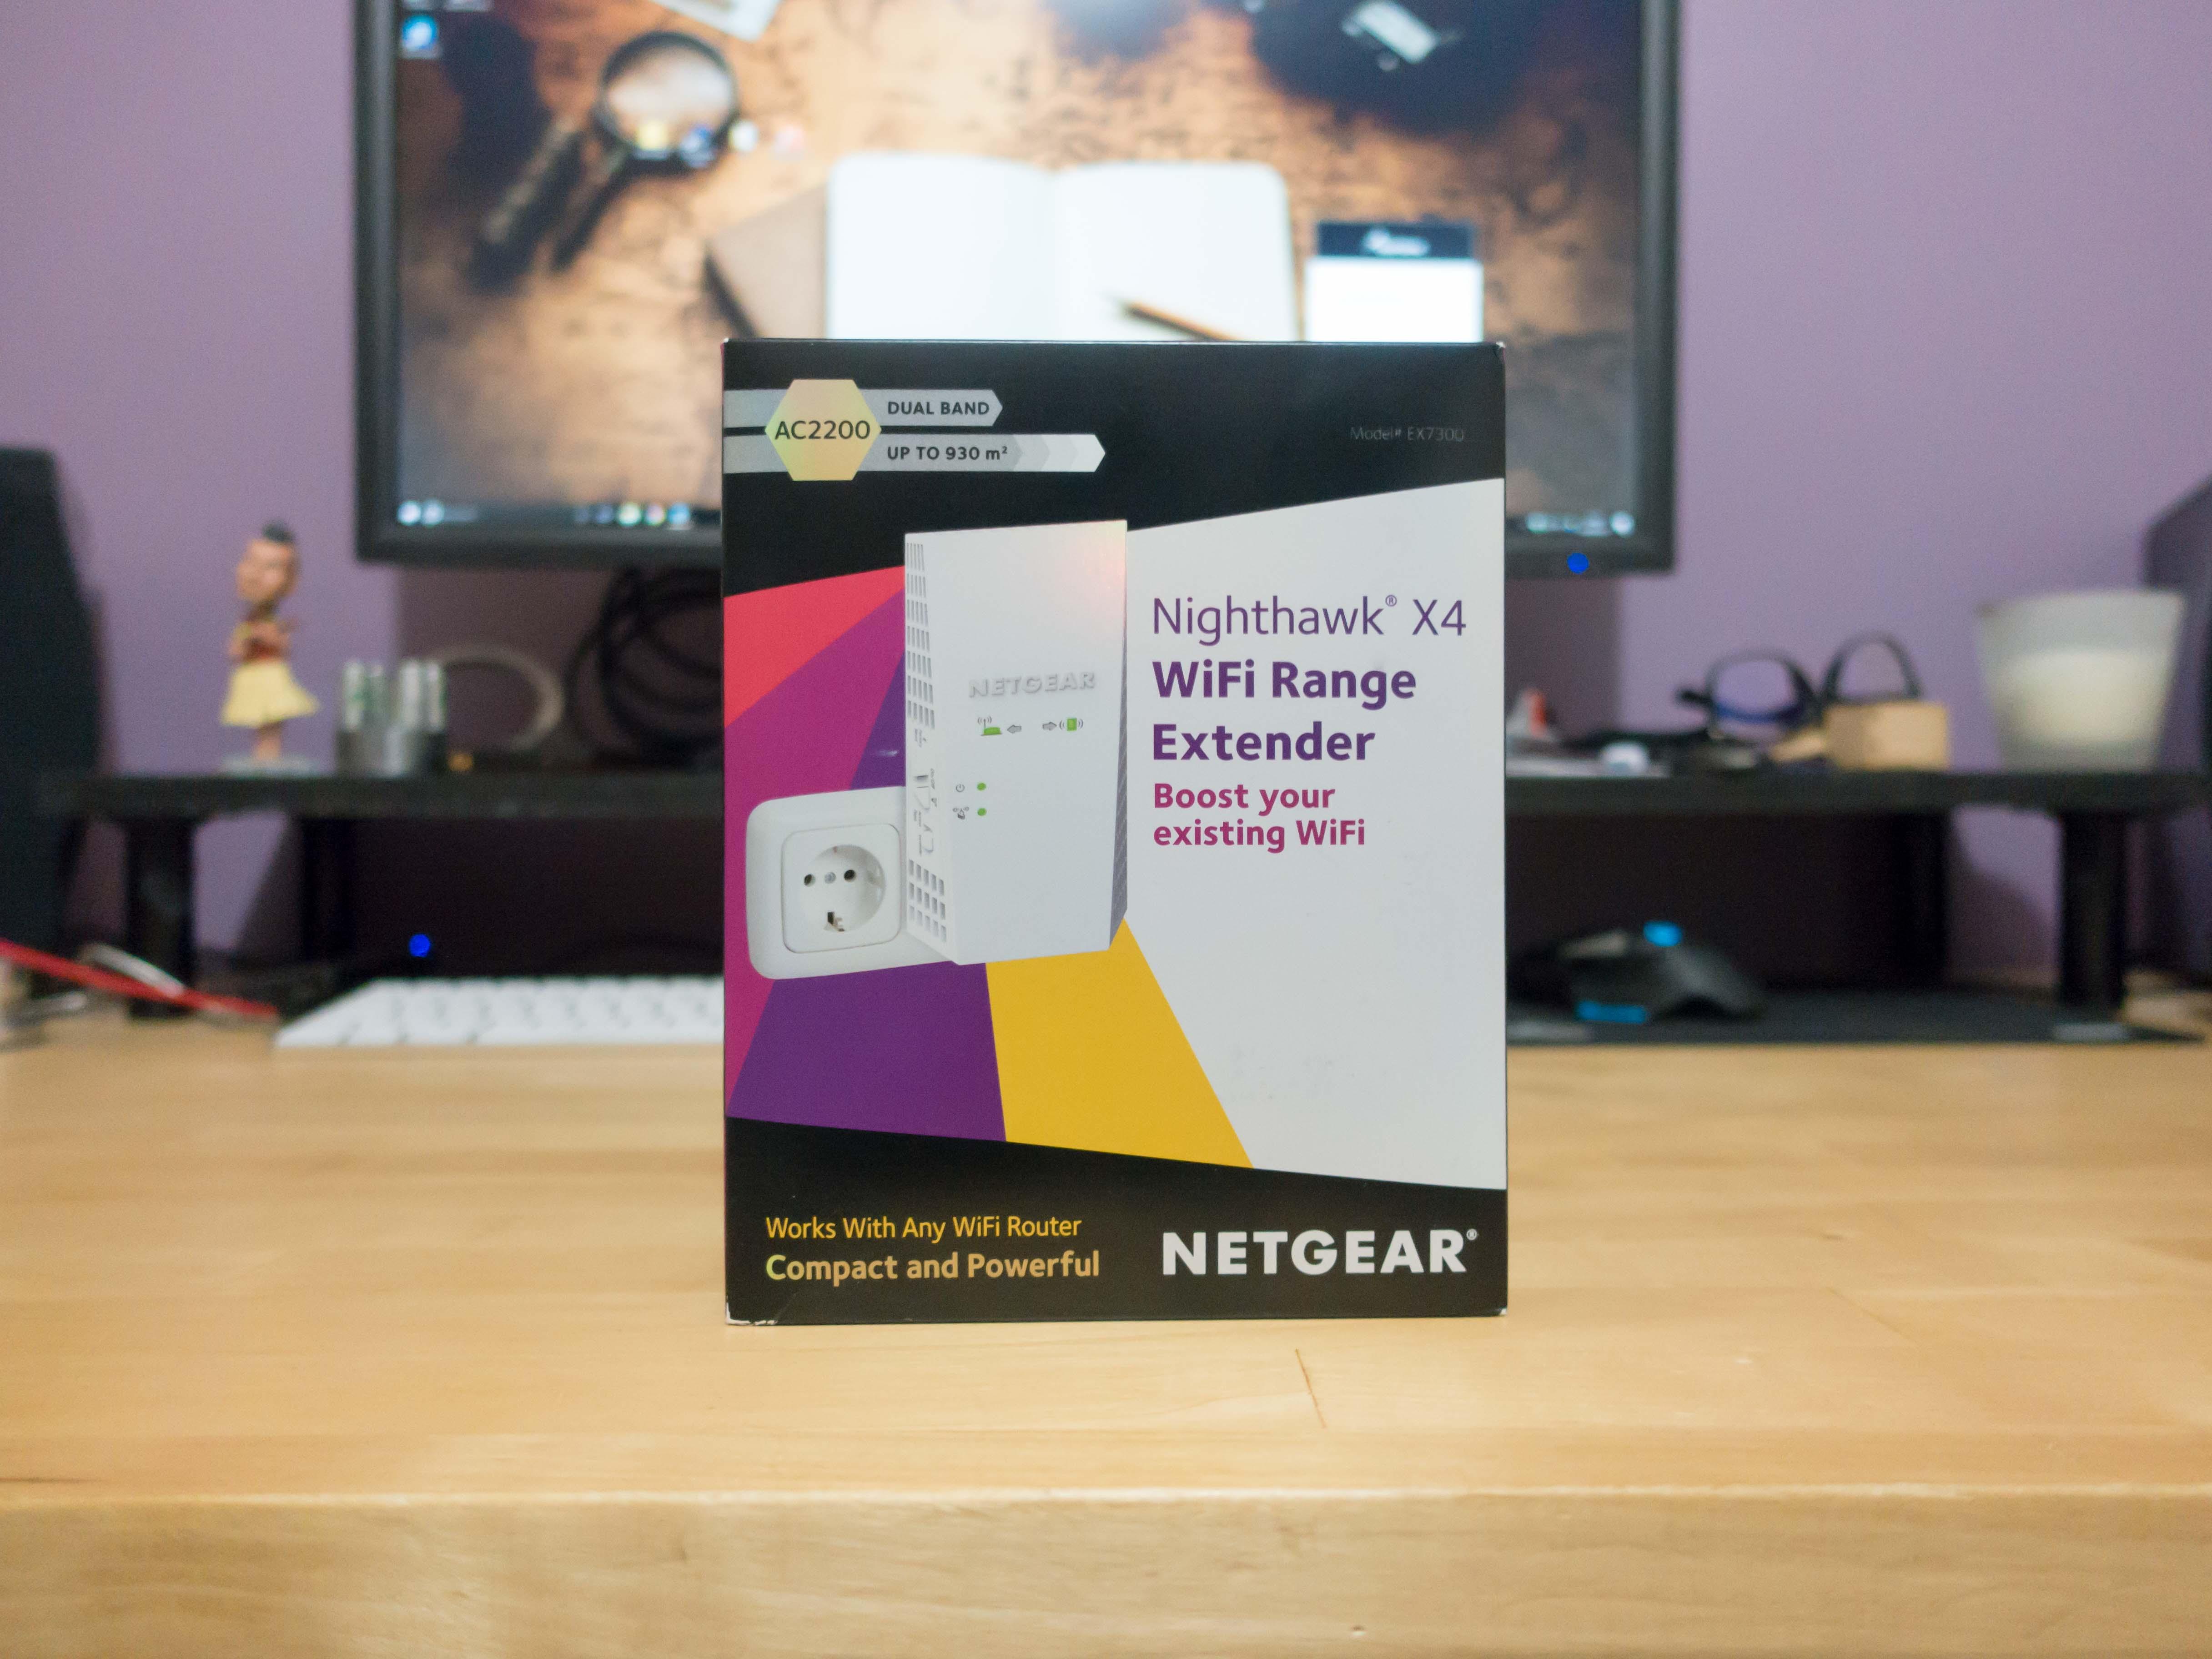 Etendre votre réseau wifi avec le répéteur Wifi Nighthawk X4 EX7300 de Netgear